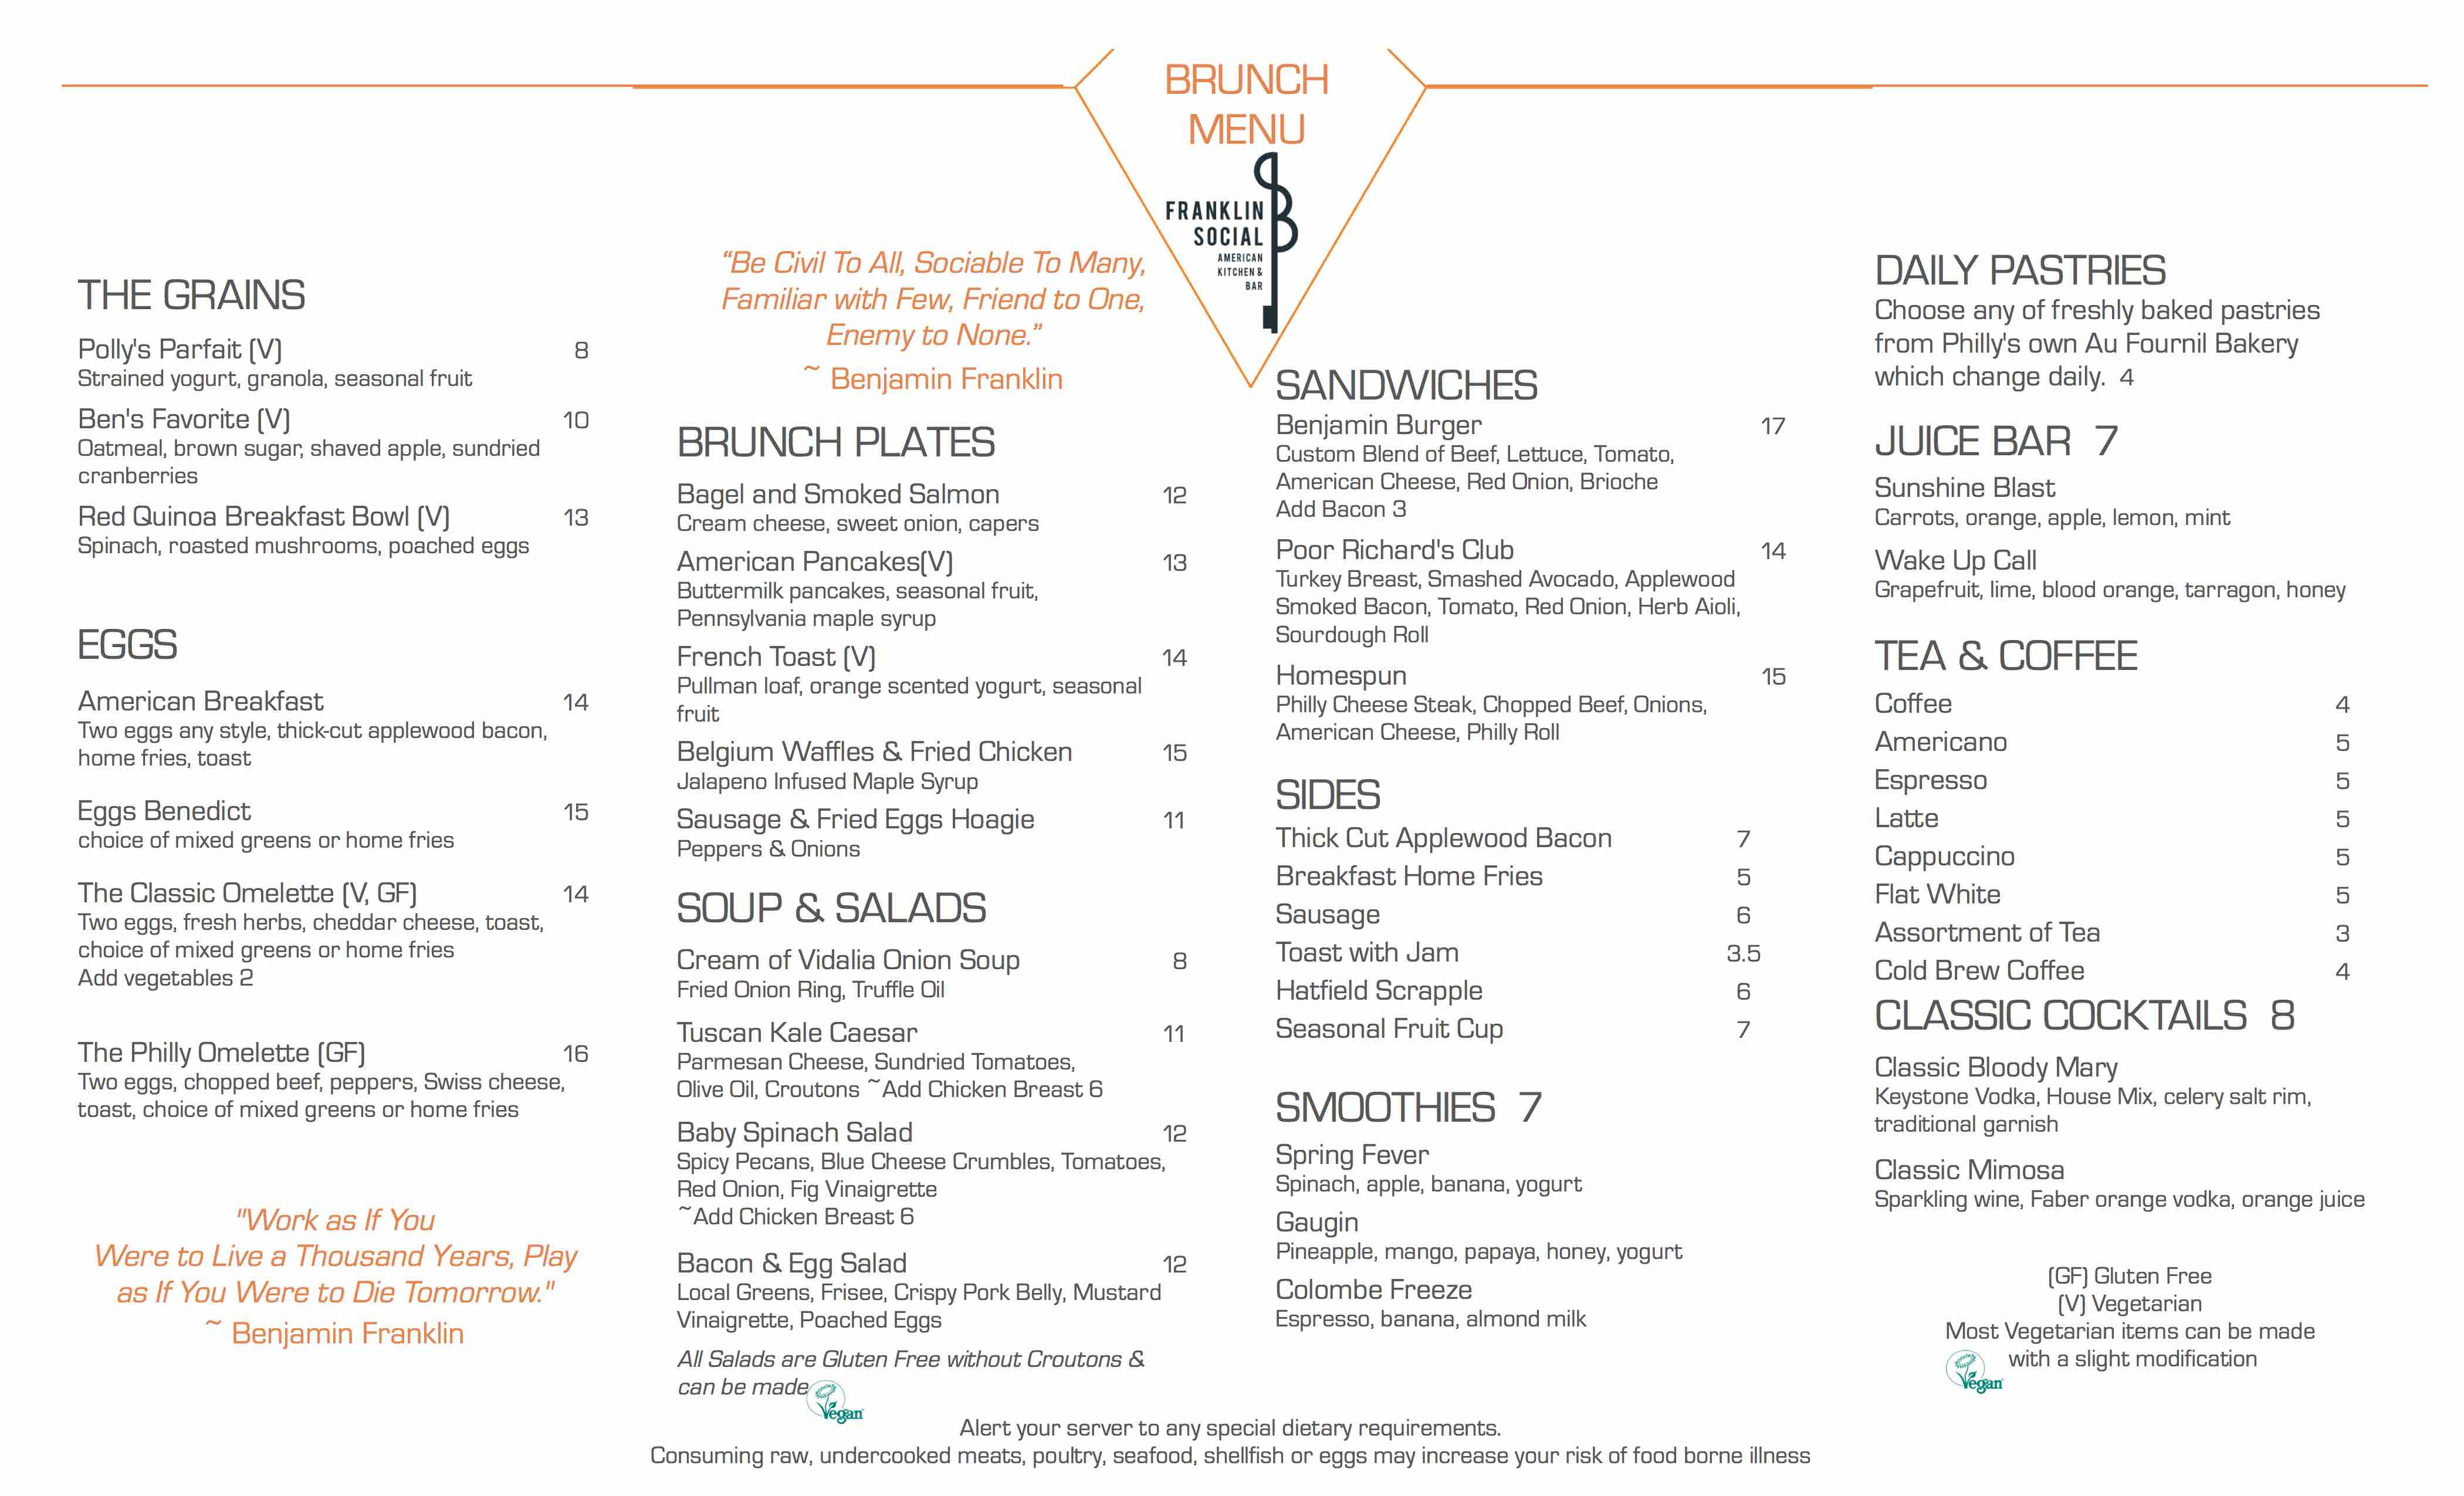 franklin social brunch menu